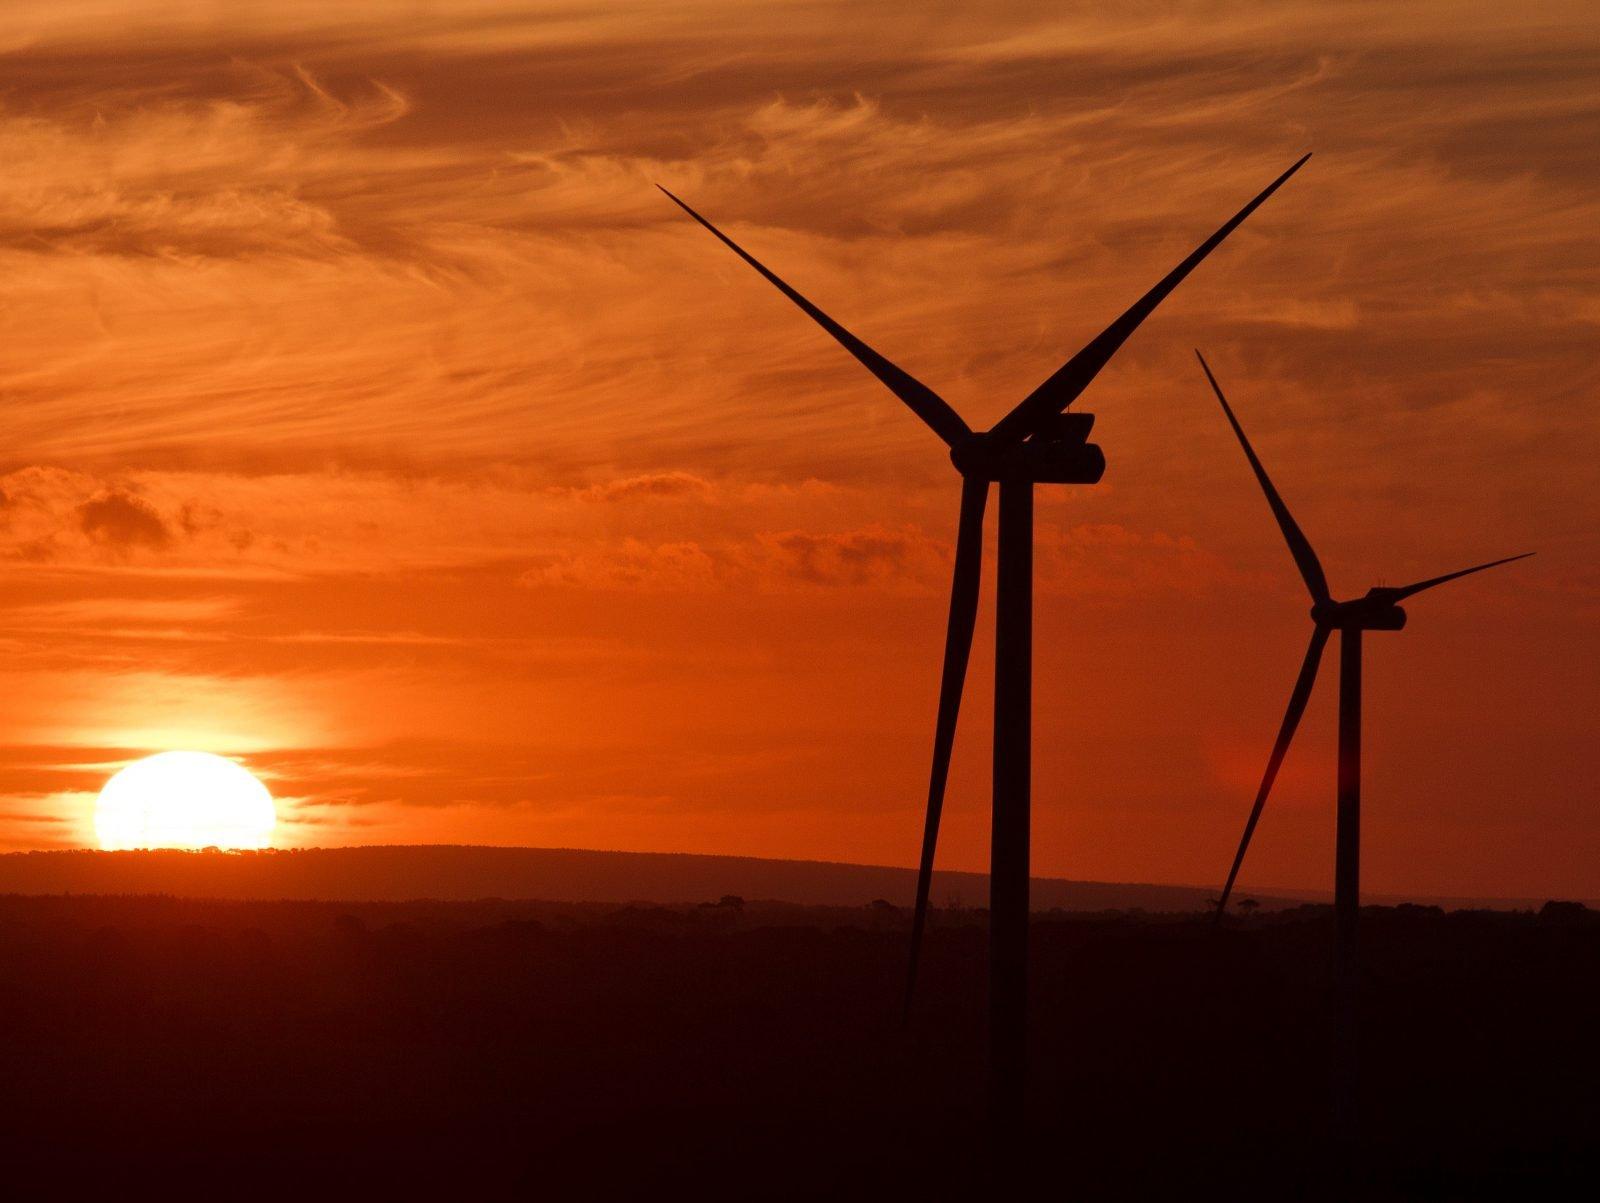 vestas wind turbines sunset